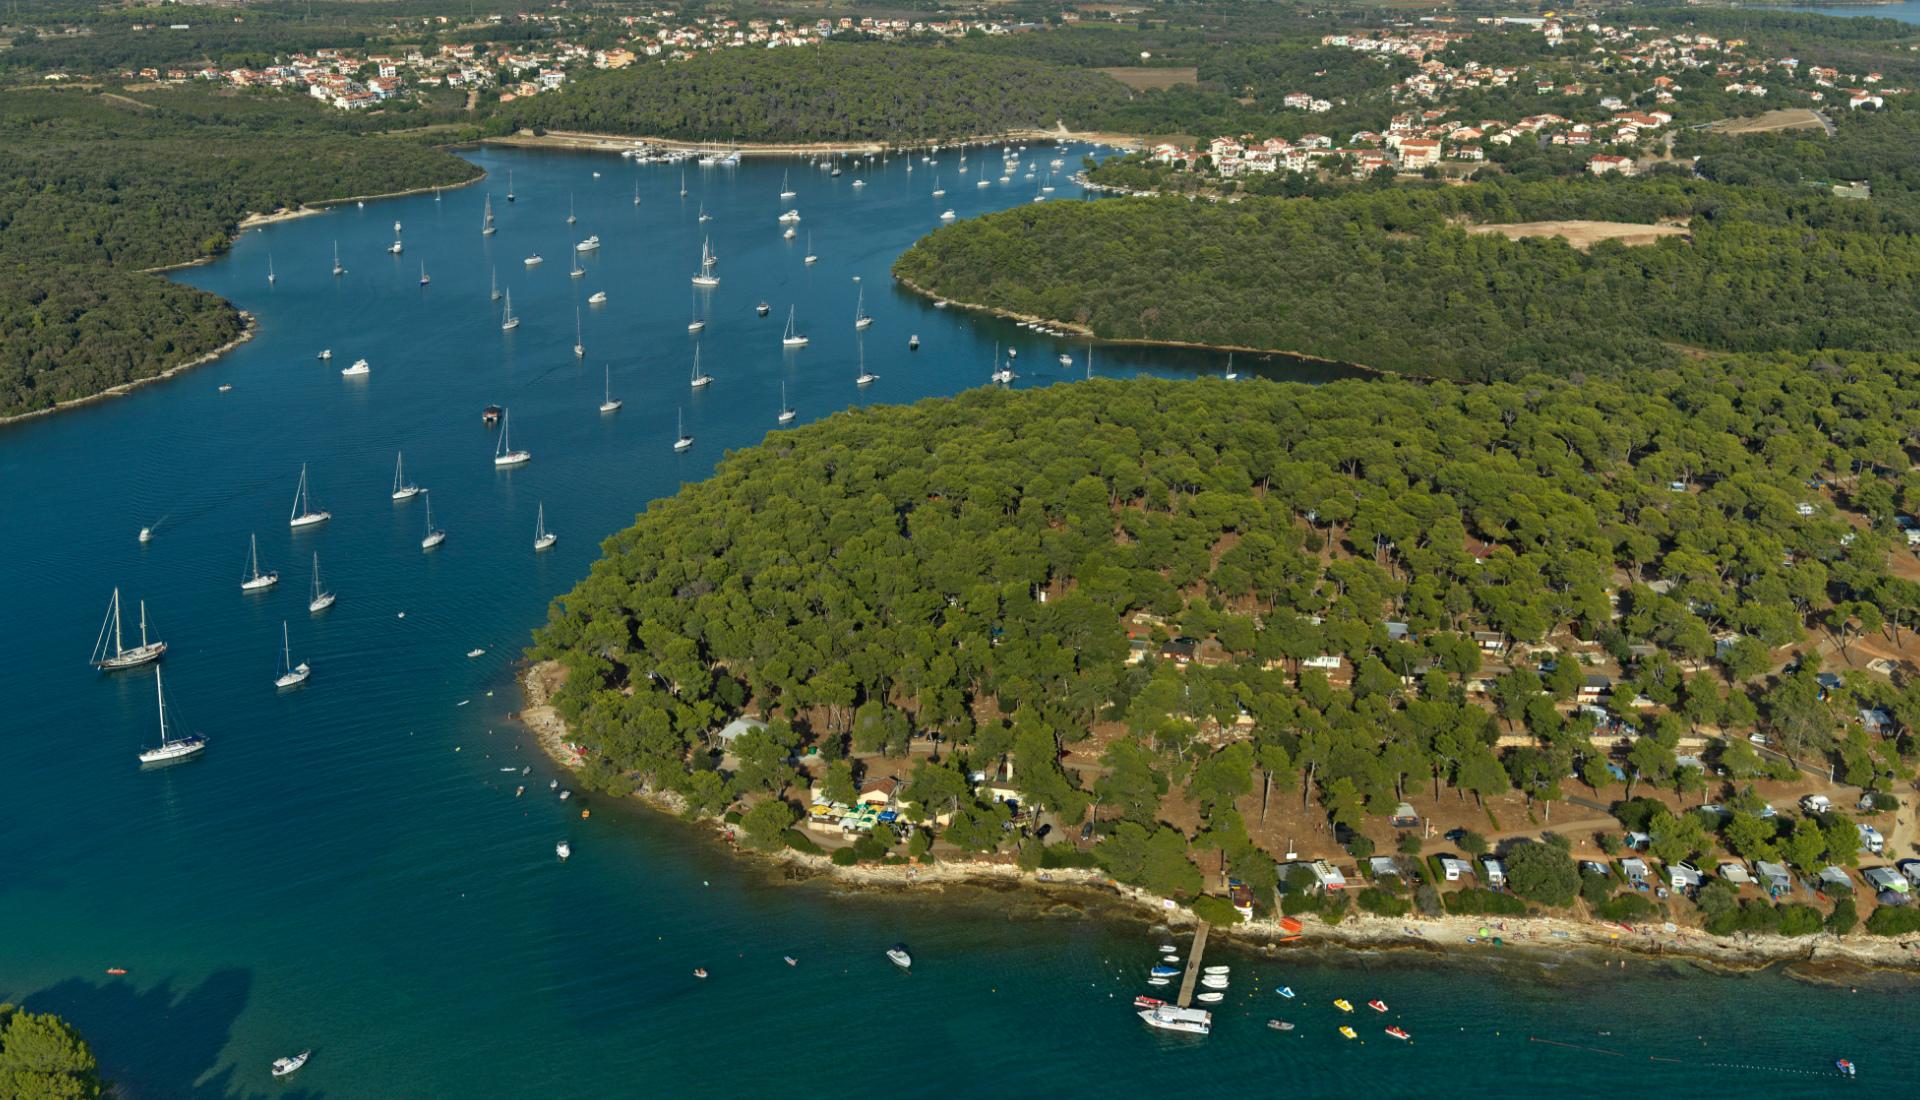 Chorvatsko-Istria-Medulin - Letova fotografie - Miroslav Kamrla - 2- 1920x1110_2.jpg